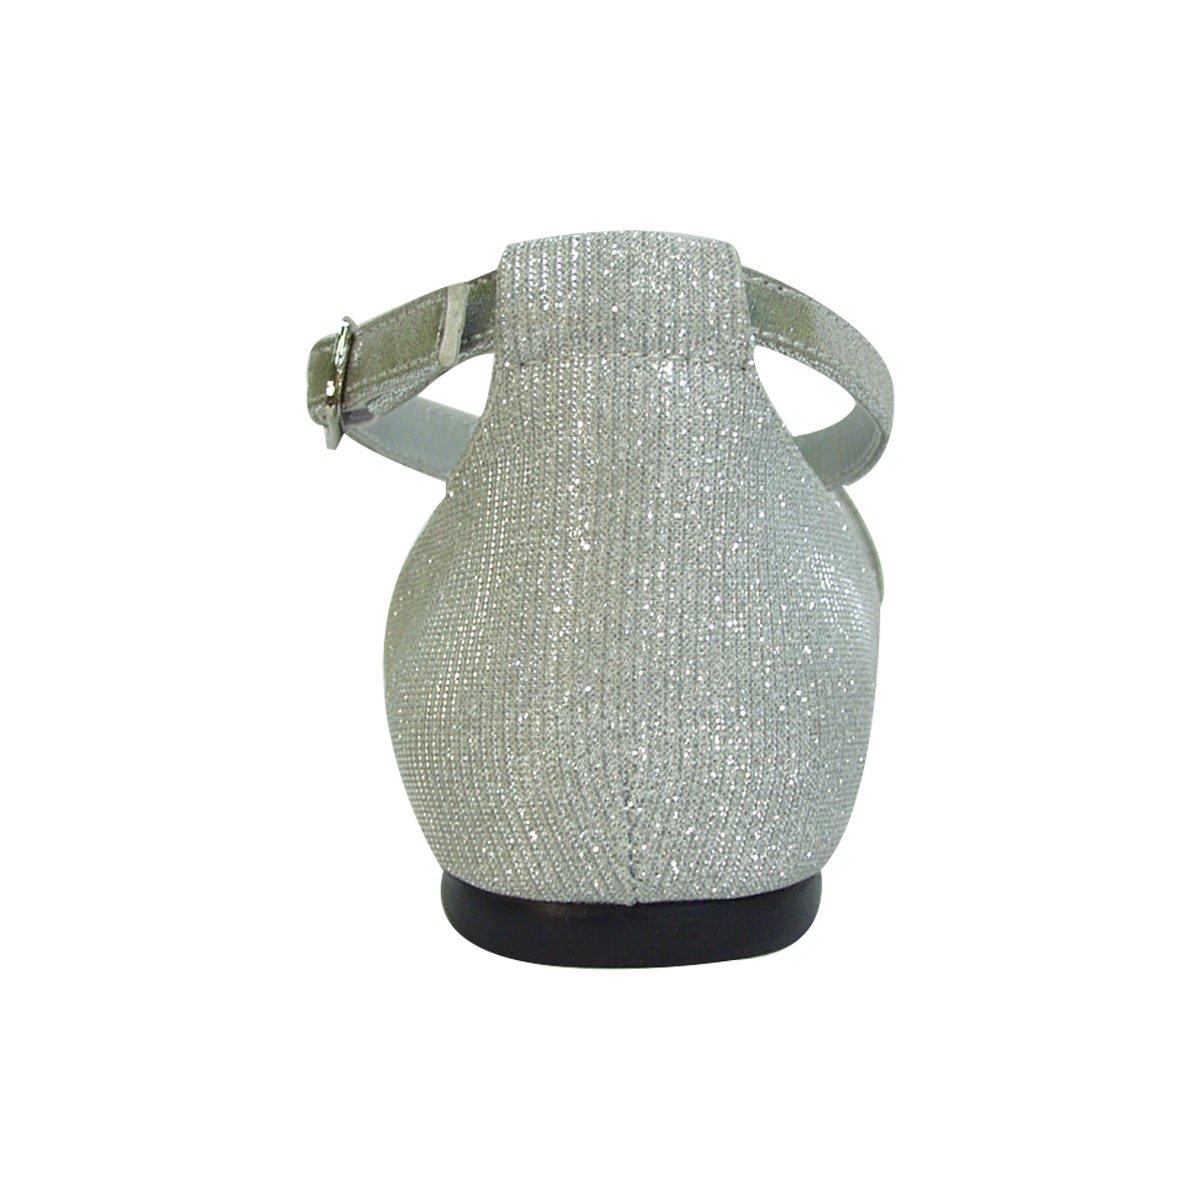 Fuzzy Hallie Women Wide Width Open Shank Pointed Toe Buckle Ankle Strap Flats (Size & Measurement) B0773VWYJ6 7.5 D|Silver